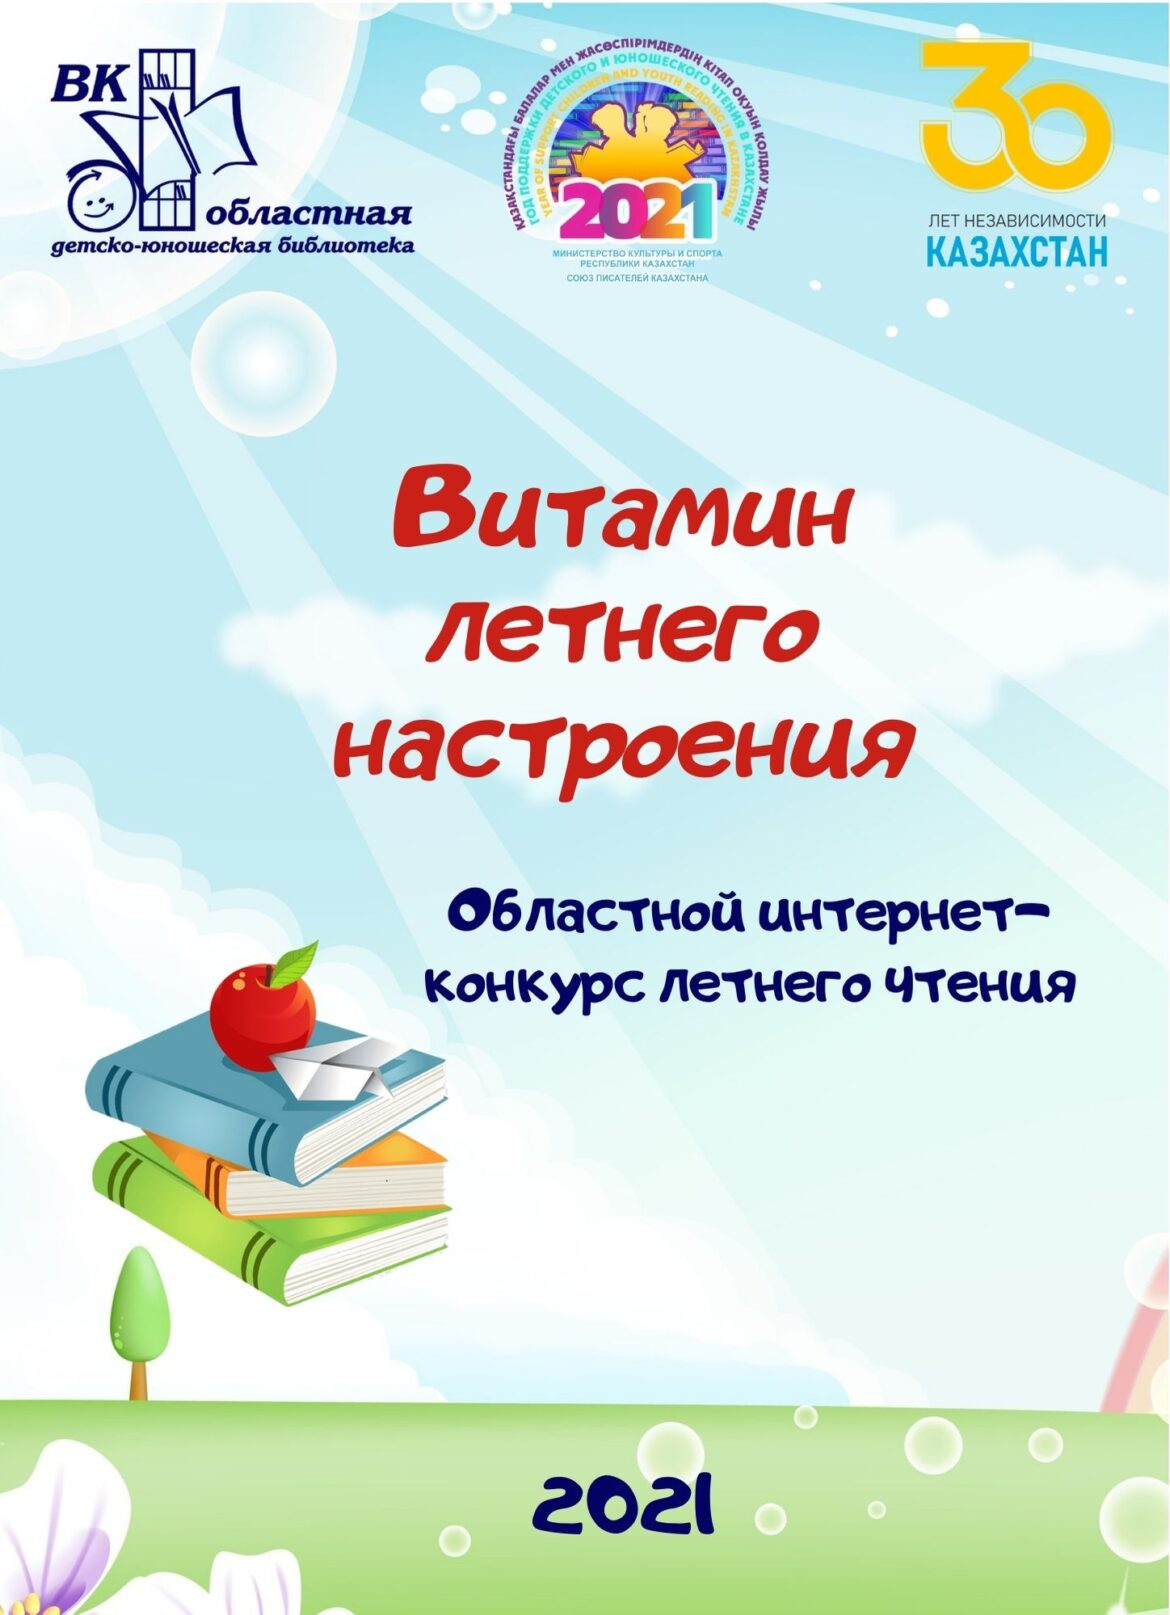 Областной интернет-конкурс летнего чтения